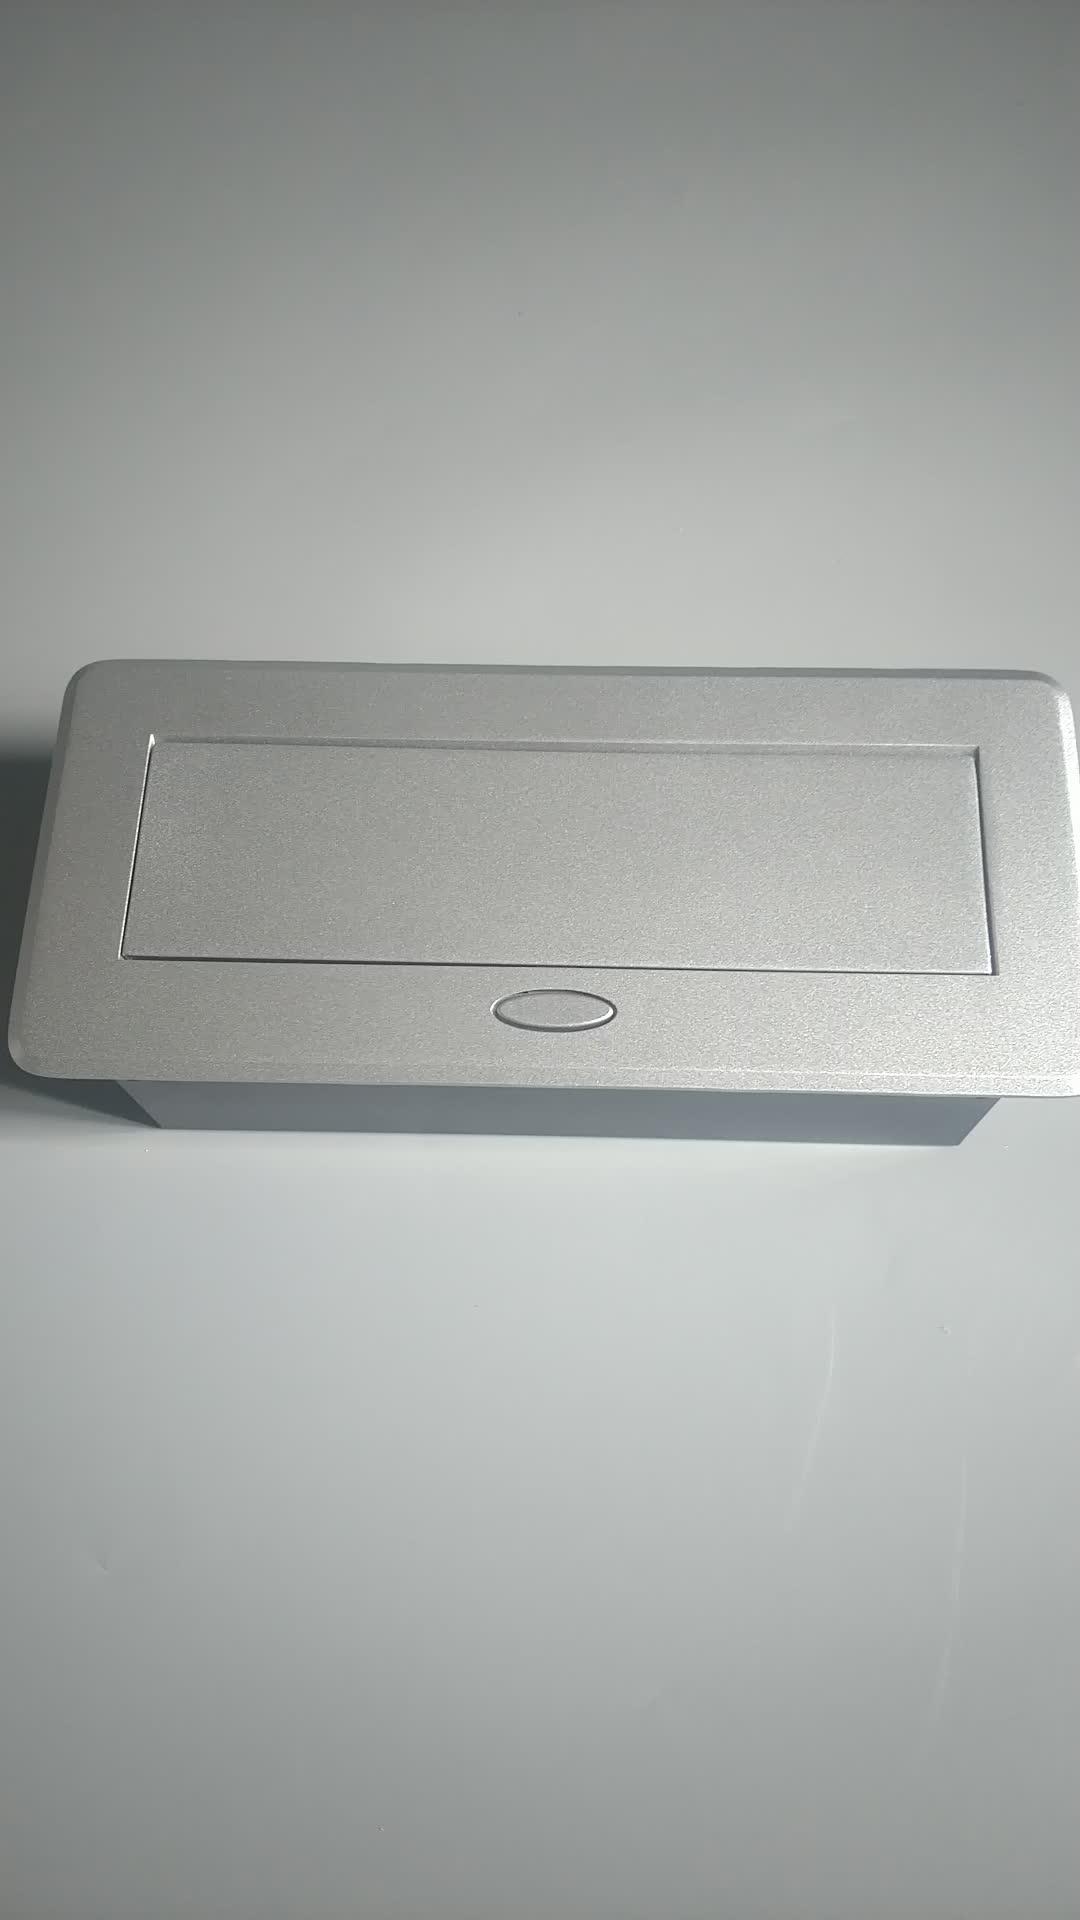 Pre-dây phong cách ANH/Người Anh điện văn phòng bàn mounted pop up máy tính để bàn ổ cắm với usb